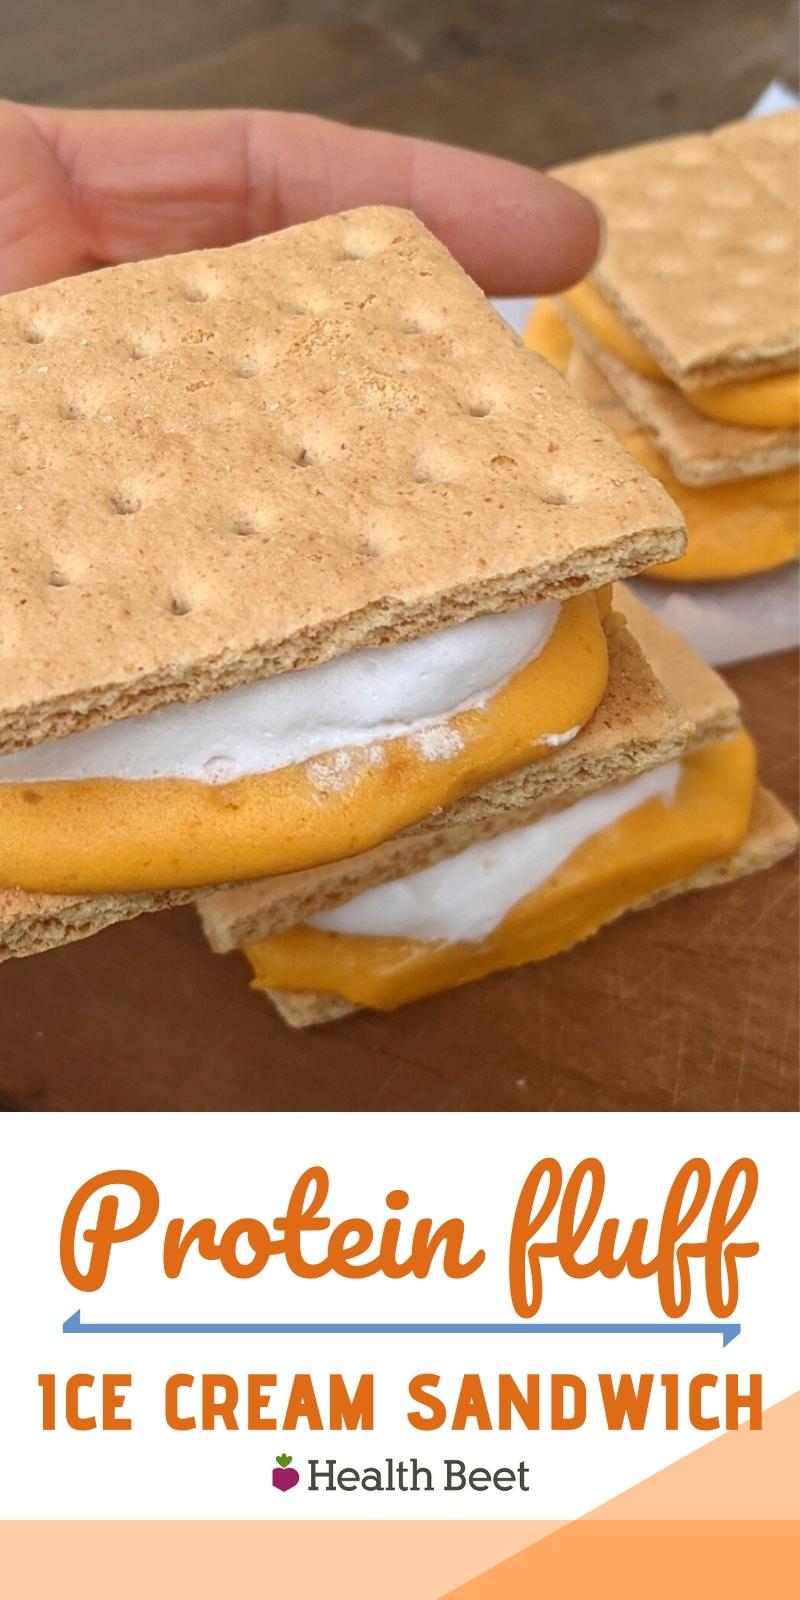 Protein fluff Ice Cream Sandwiches